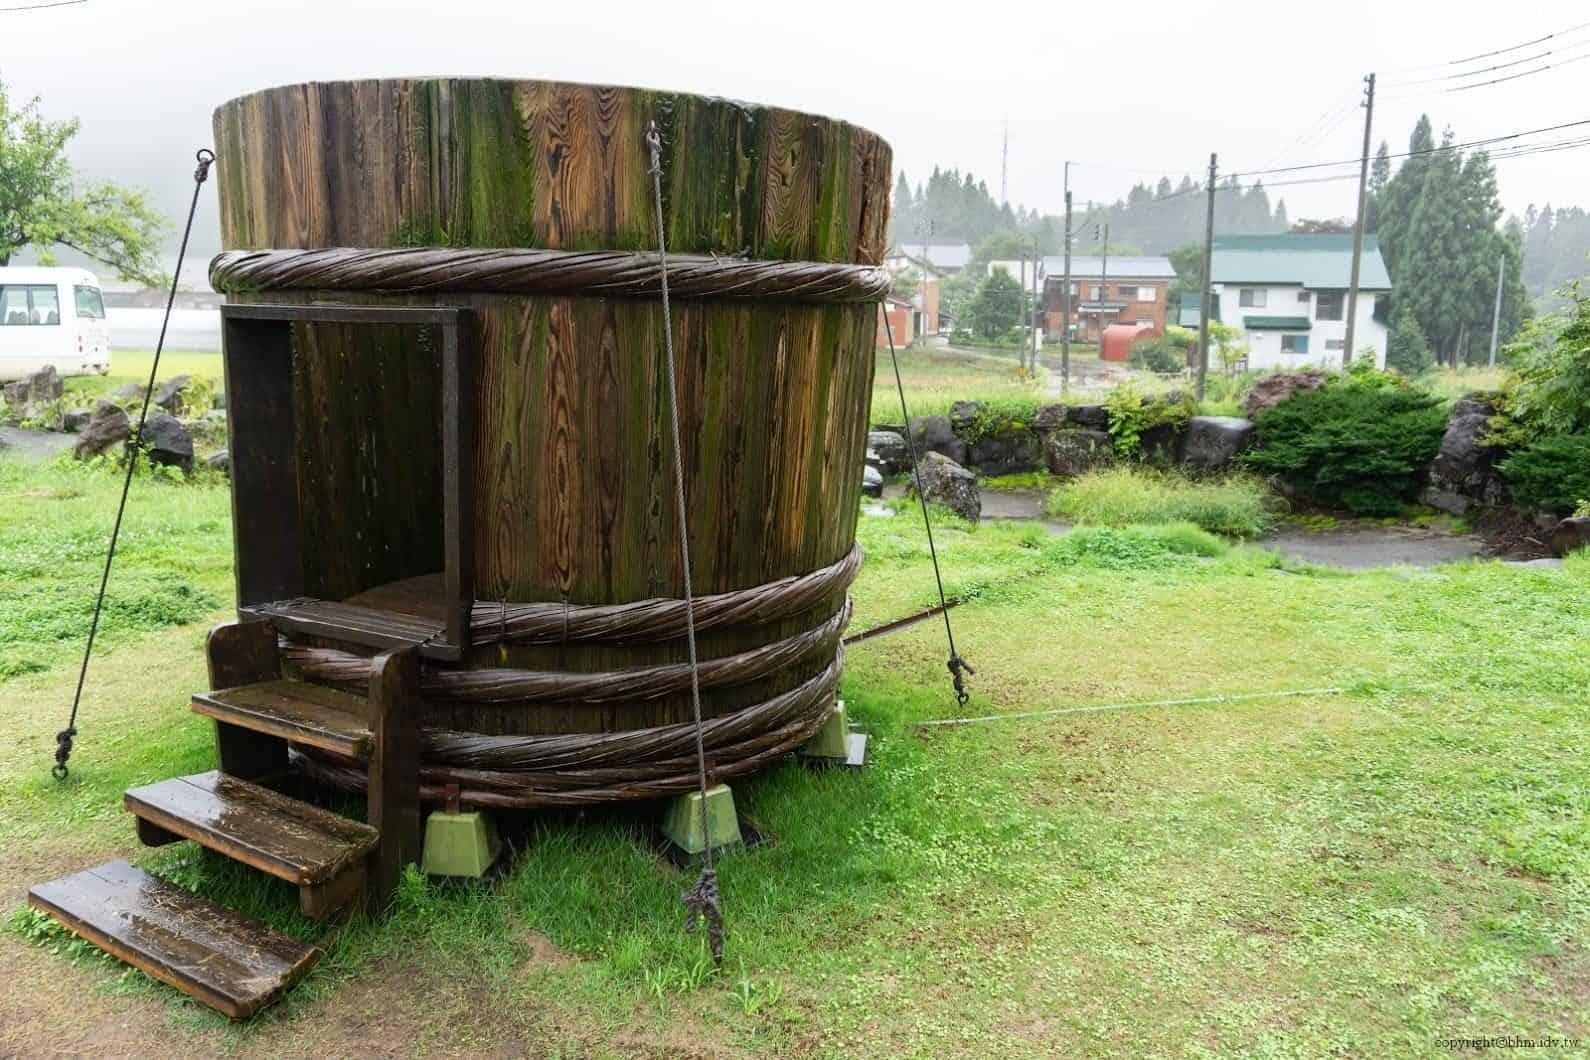 田口行弘,送水,戶外裝置藝術部分則製作了巨大木桶,遊客可進入其中 越後妻有 送水 okurimizu 05 0x0